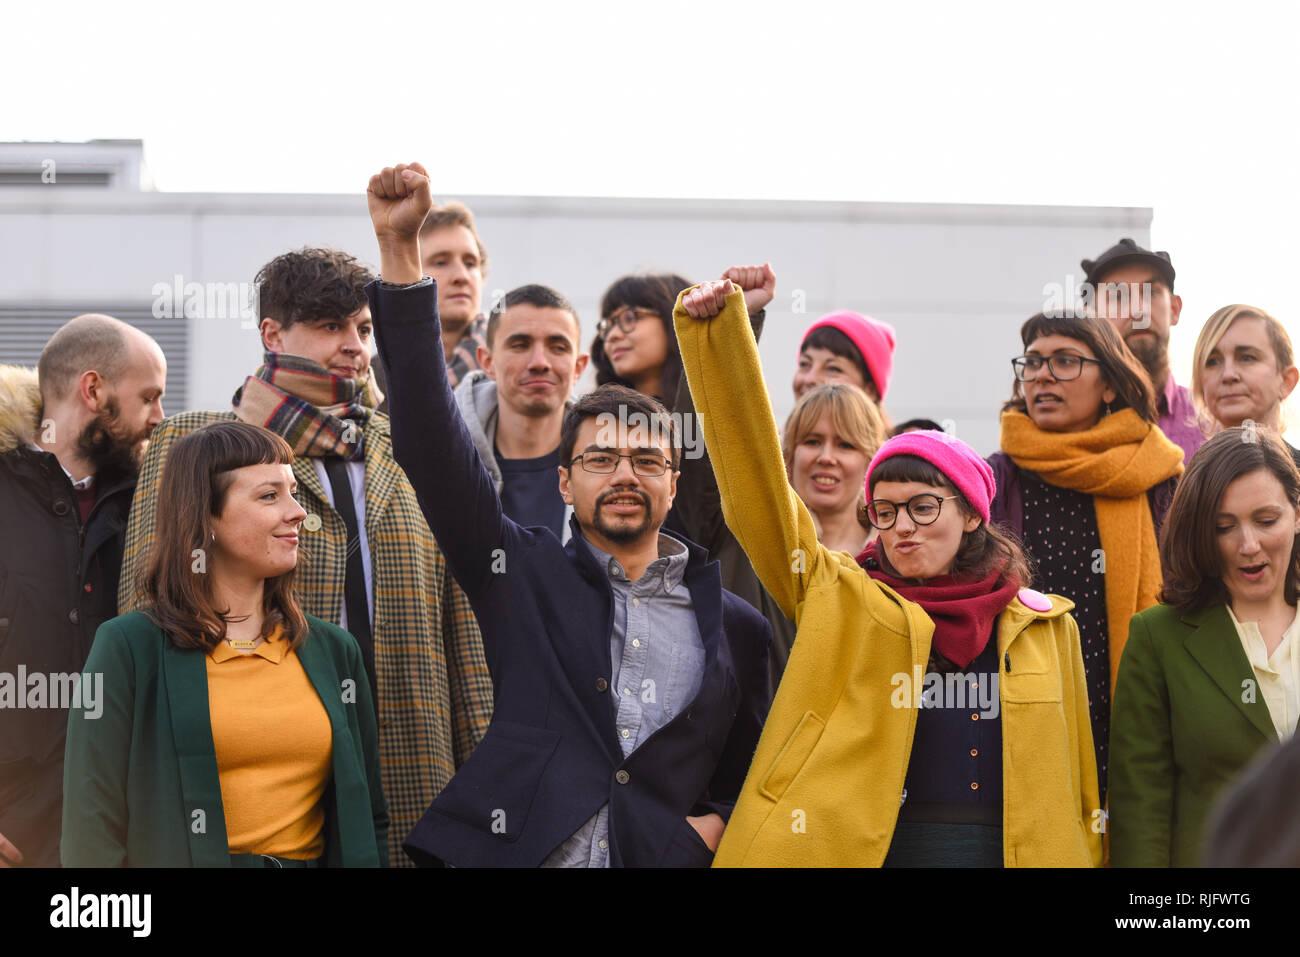 Condamnation de 15 manifestants qui ont bloqué un vol d'expulsion et ont perturbé les opérations à l'aéroport de Stansted, le 28 mars 2017 a lieu à Chelmsford Crown Court. Les manifestants se sont réunis à l'extérieur de la cour qui manifestent contre leurs convictions Photo Stock